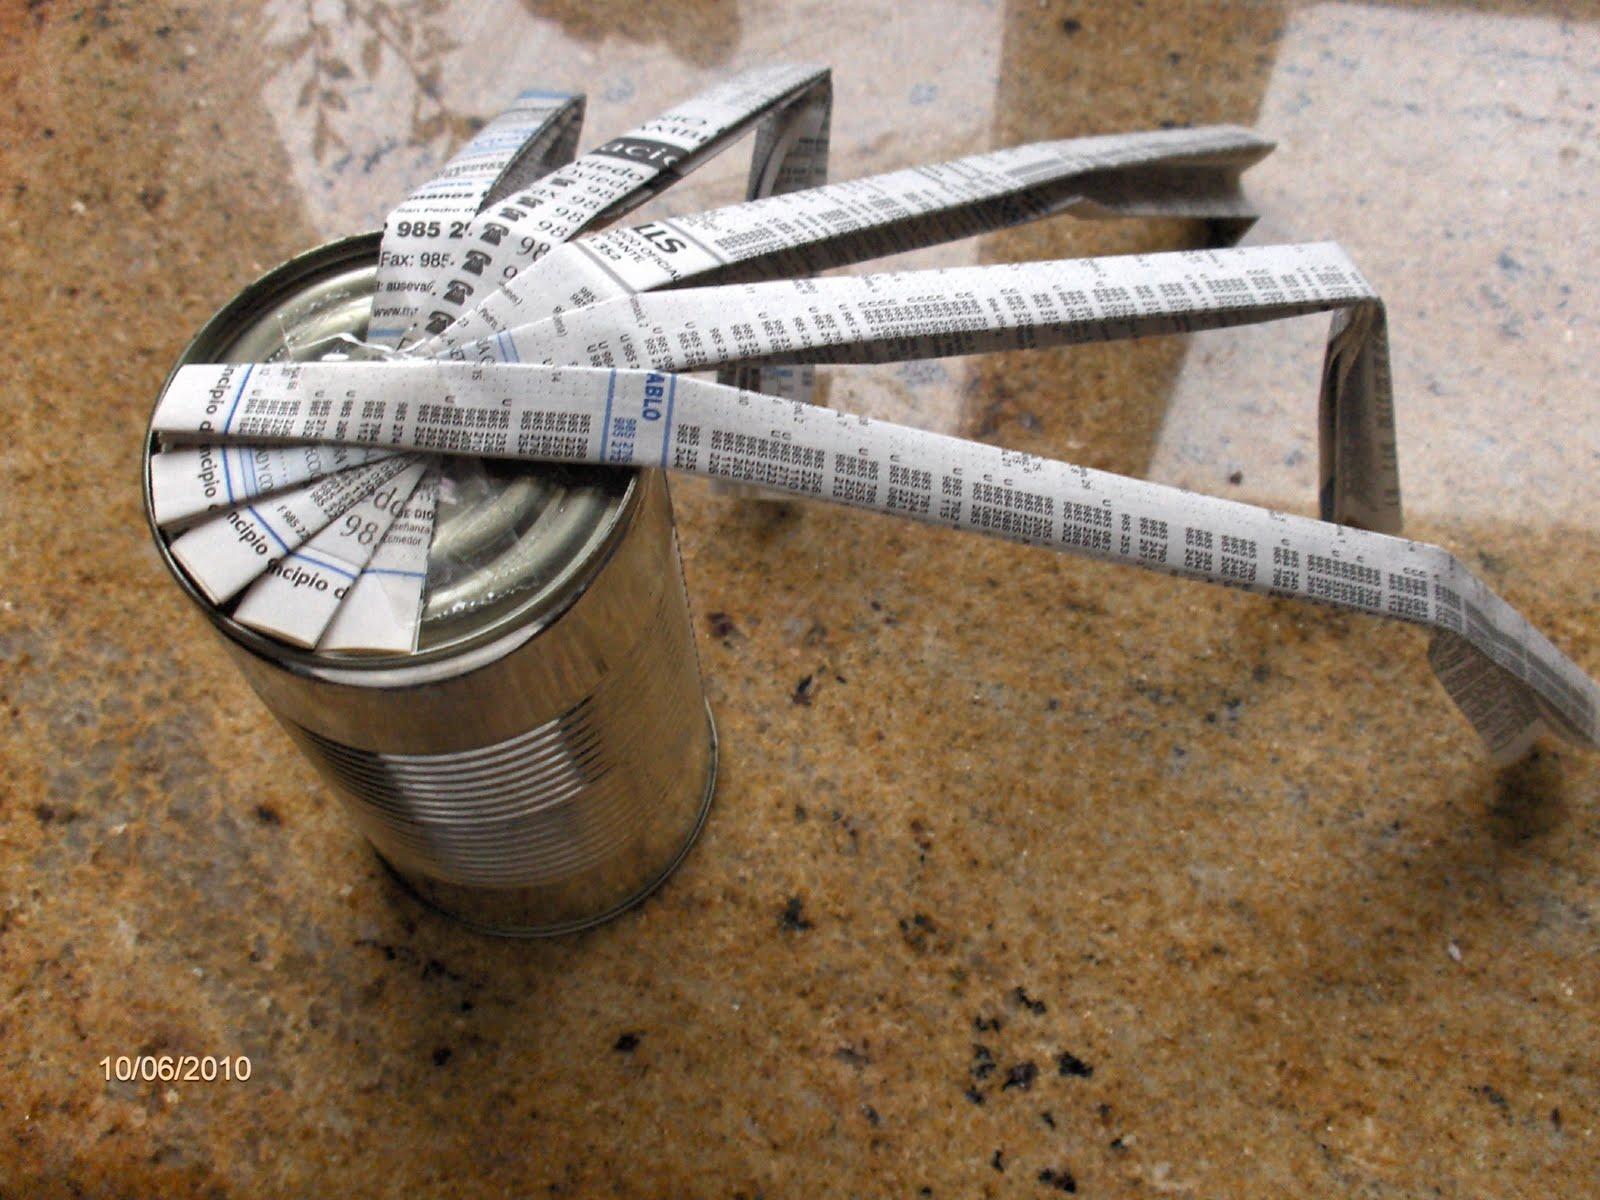 Aprendiz decorar bote con tiras de papel